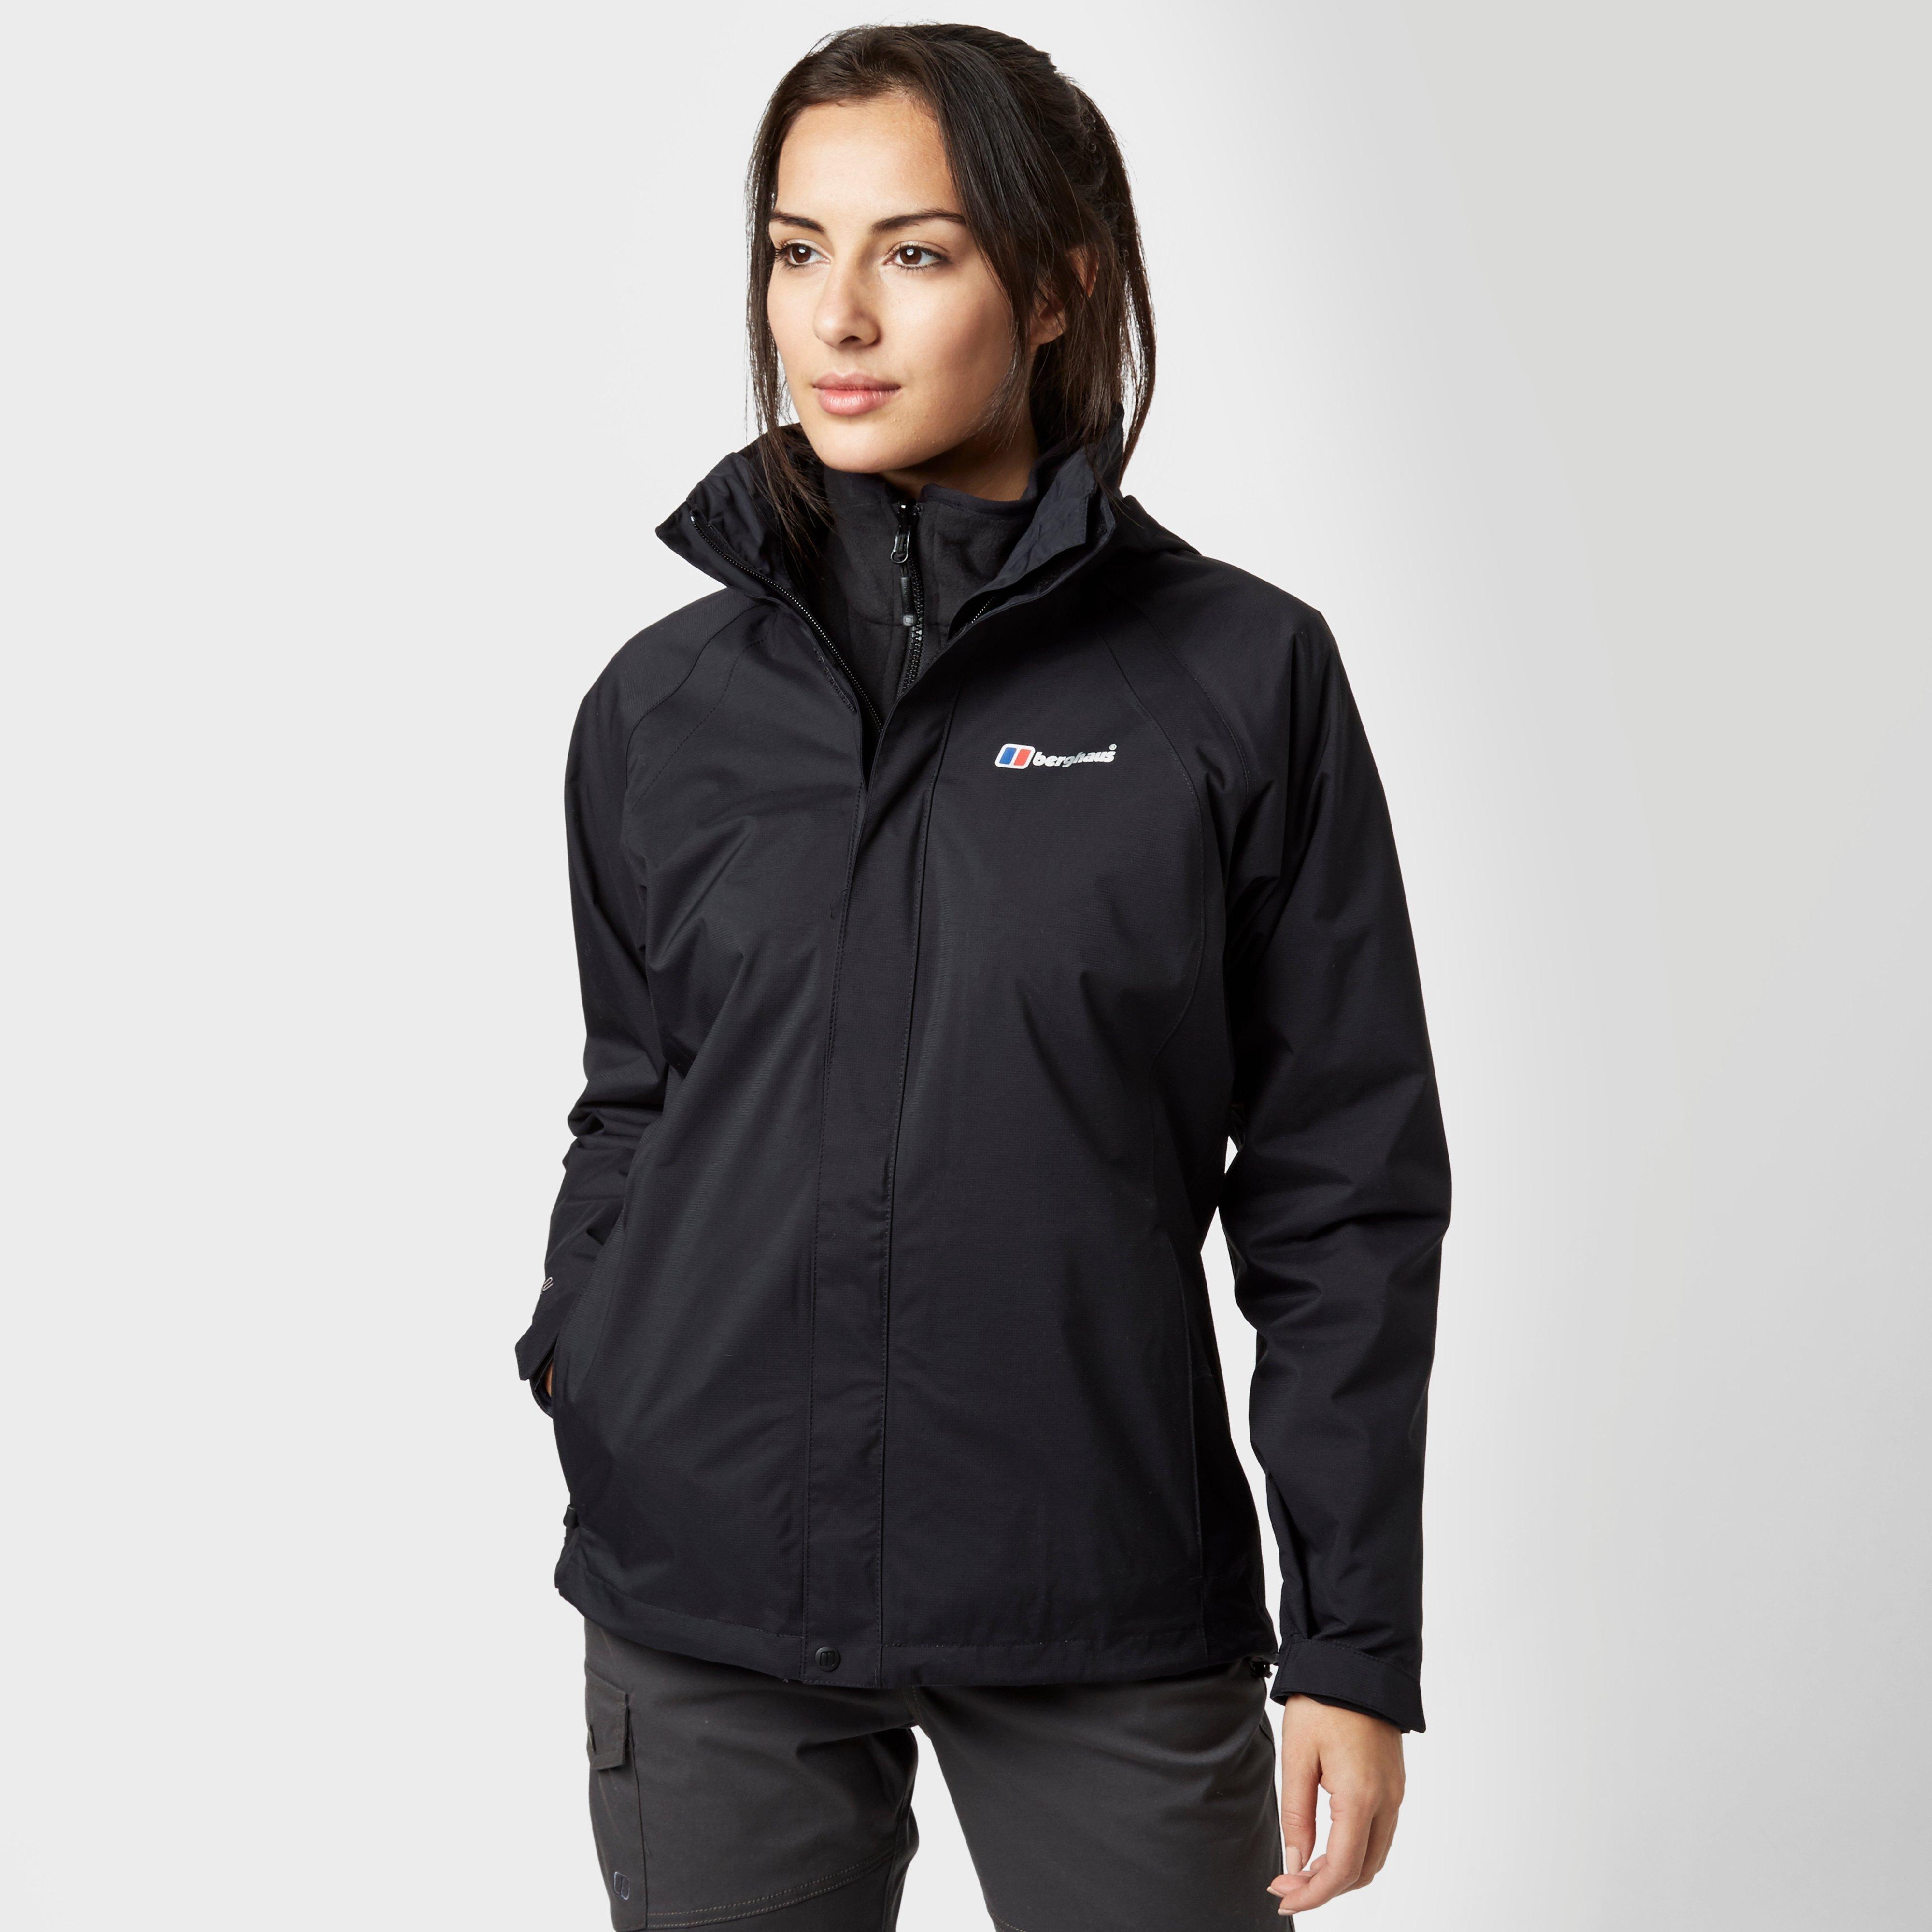 Women's Waterproof Jackets & Coats | Millets